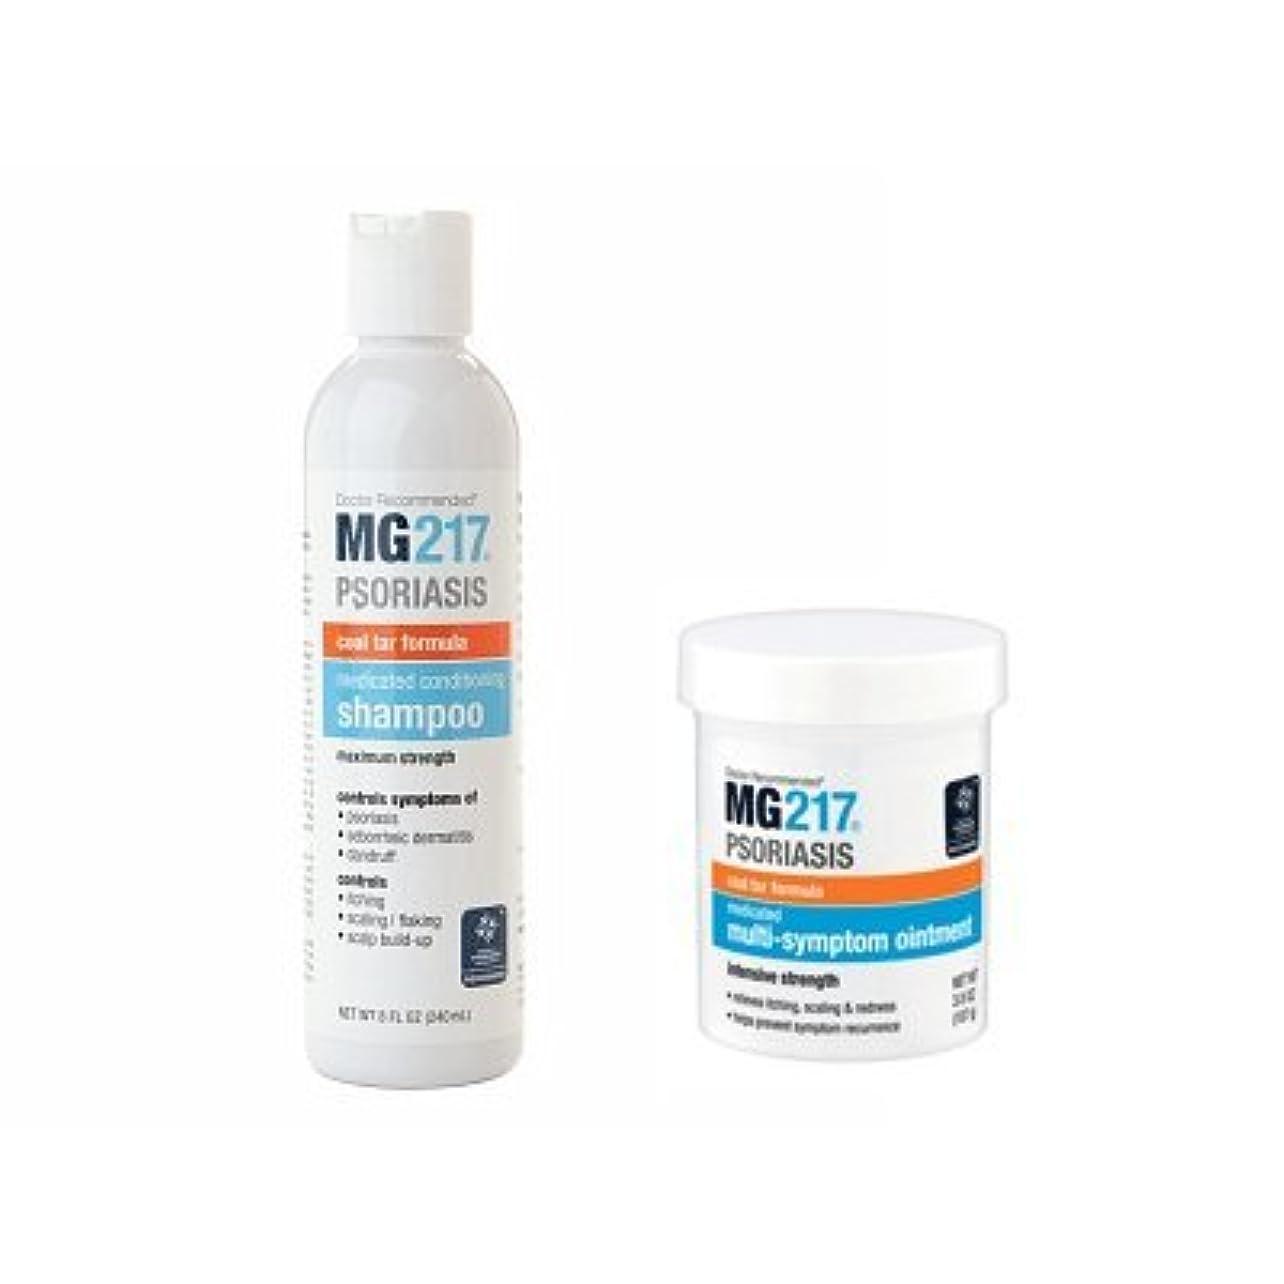 スティック四回ディスクMG217 シャンプー&軟膏セット 240ml/107ml Psoriasis Medicated Conditioning Shampoo,Ointment set 海外直送品